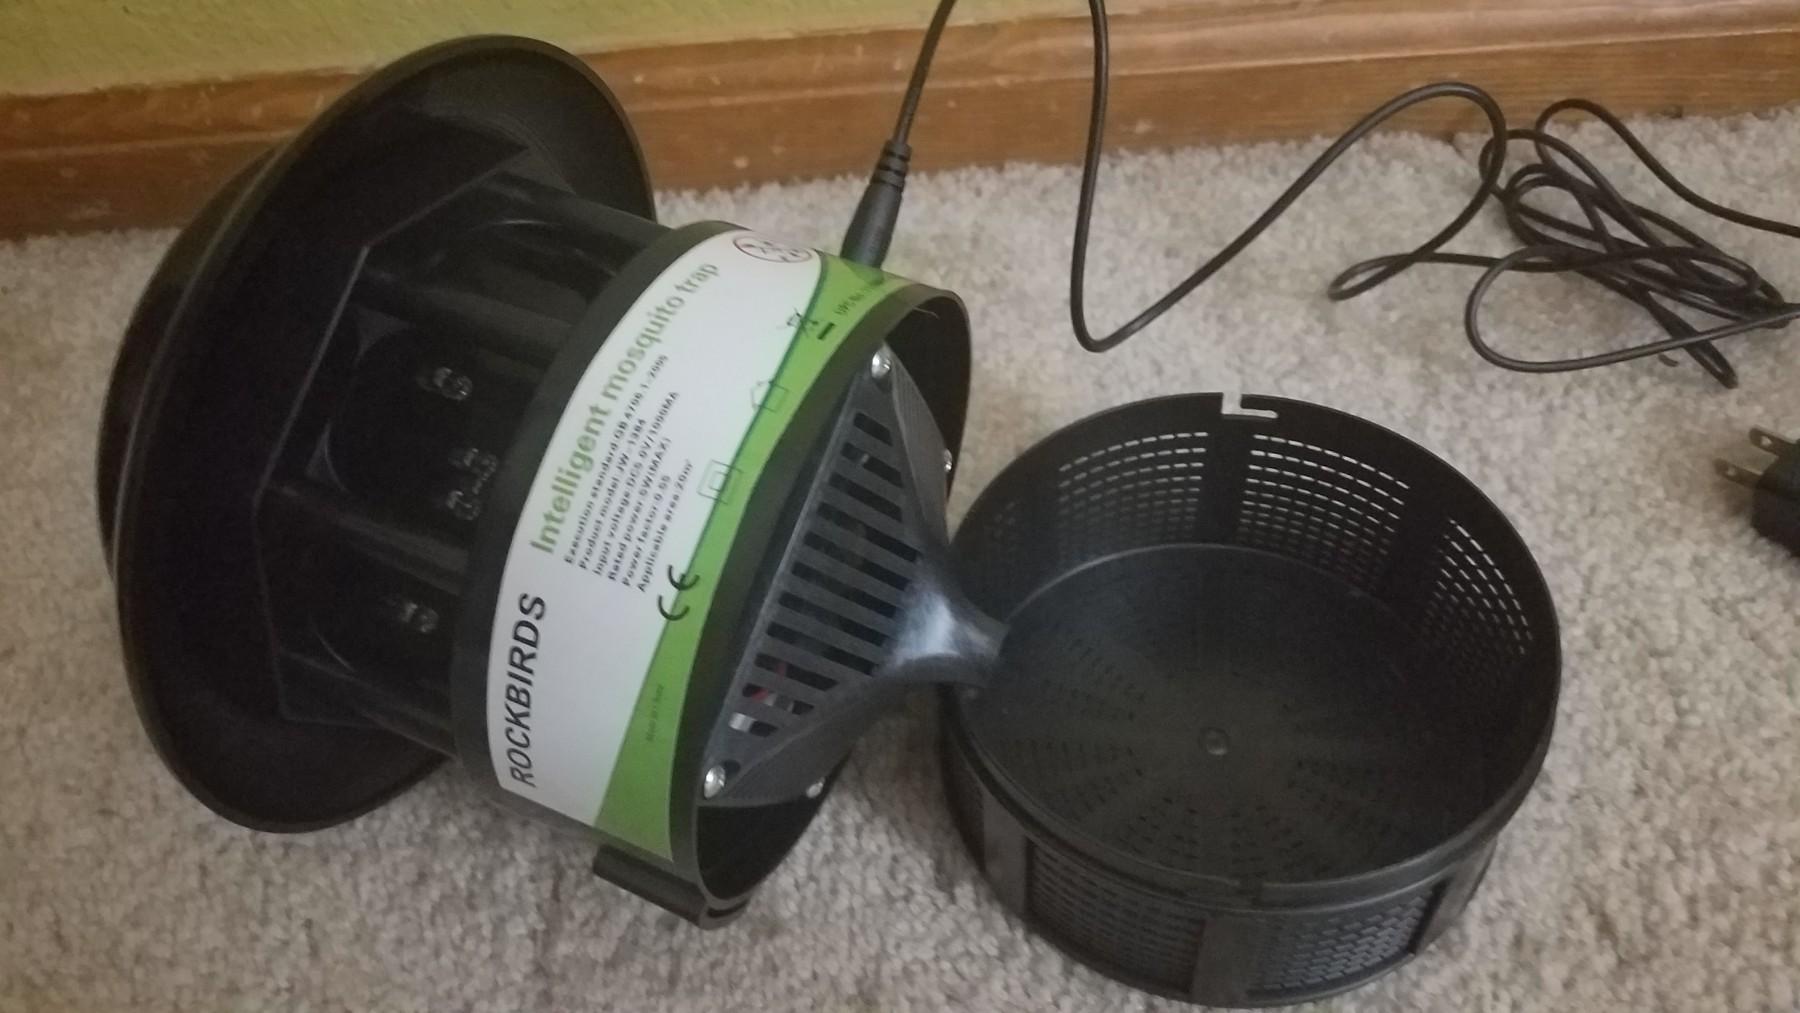 Easynto use Mosquito Killer and Bug Zapper